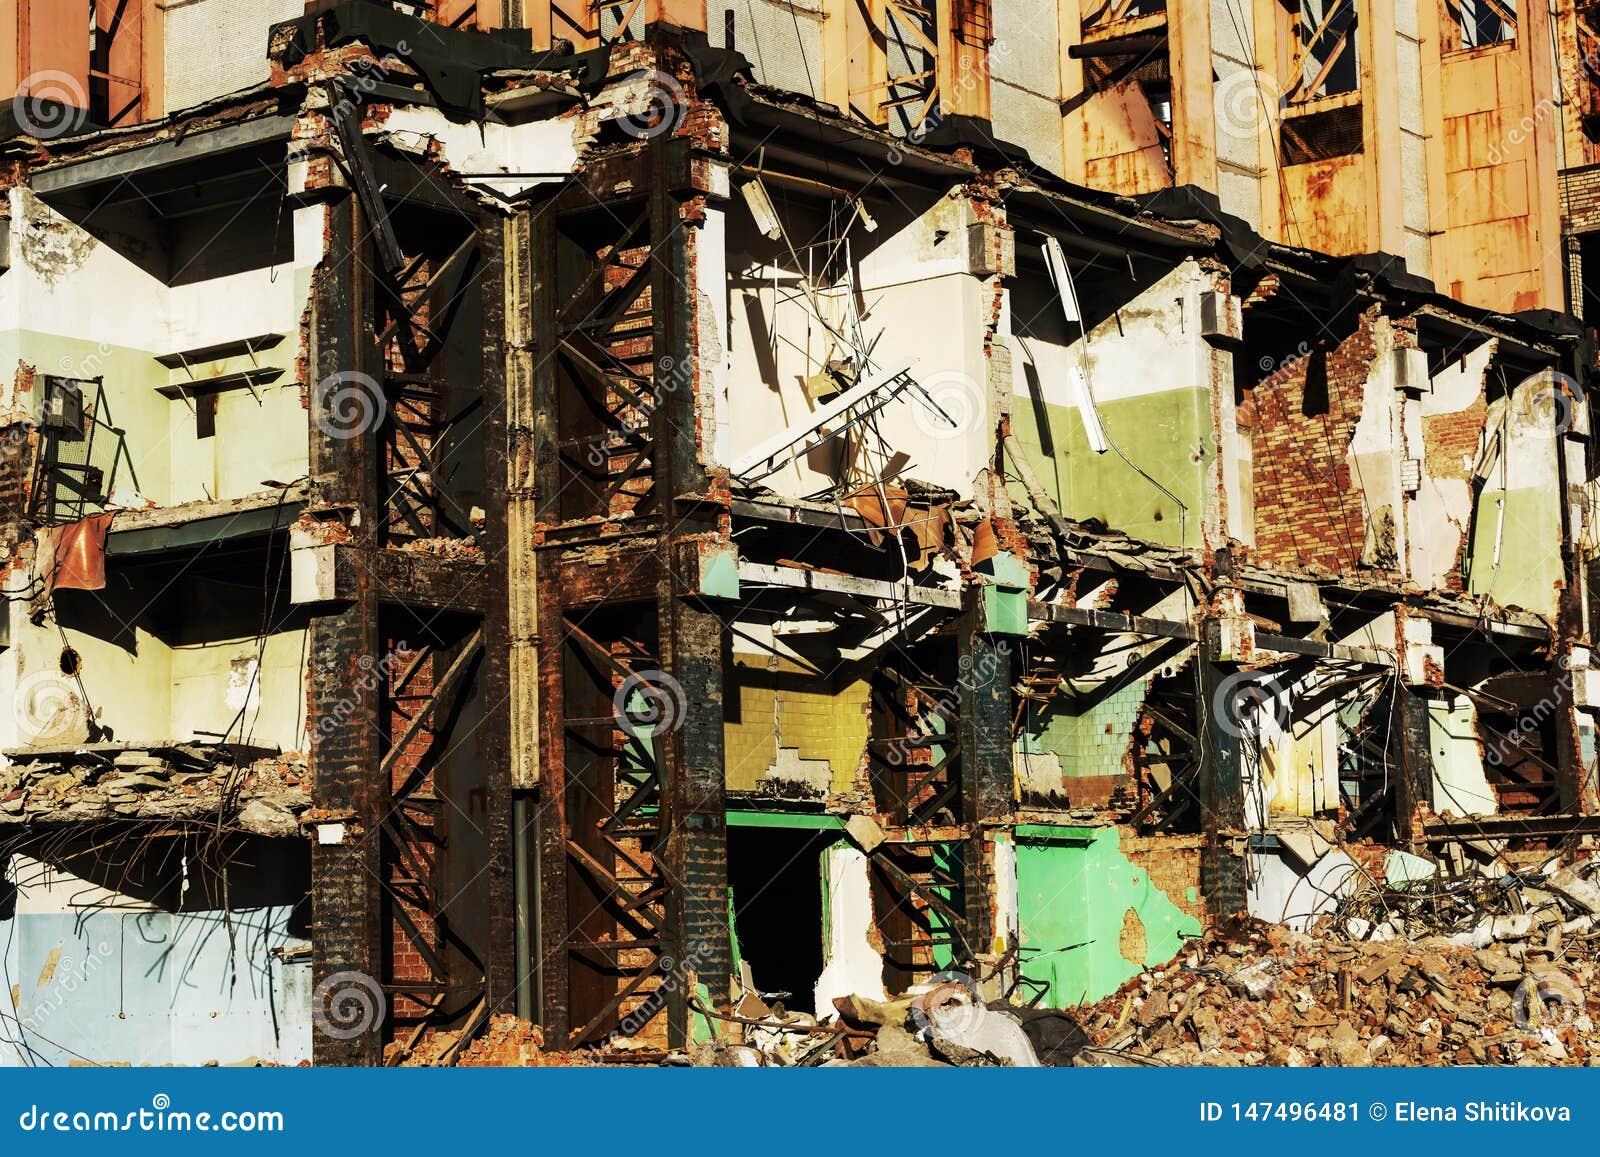 Old building for demolition, ruins